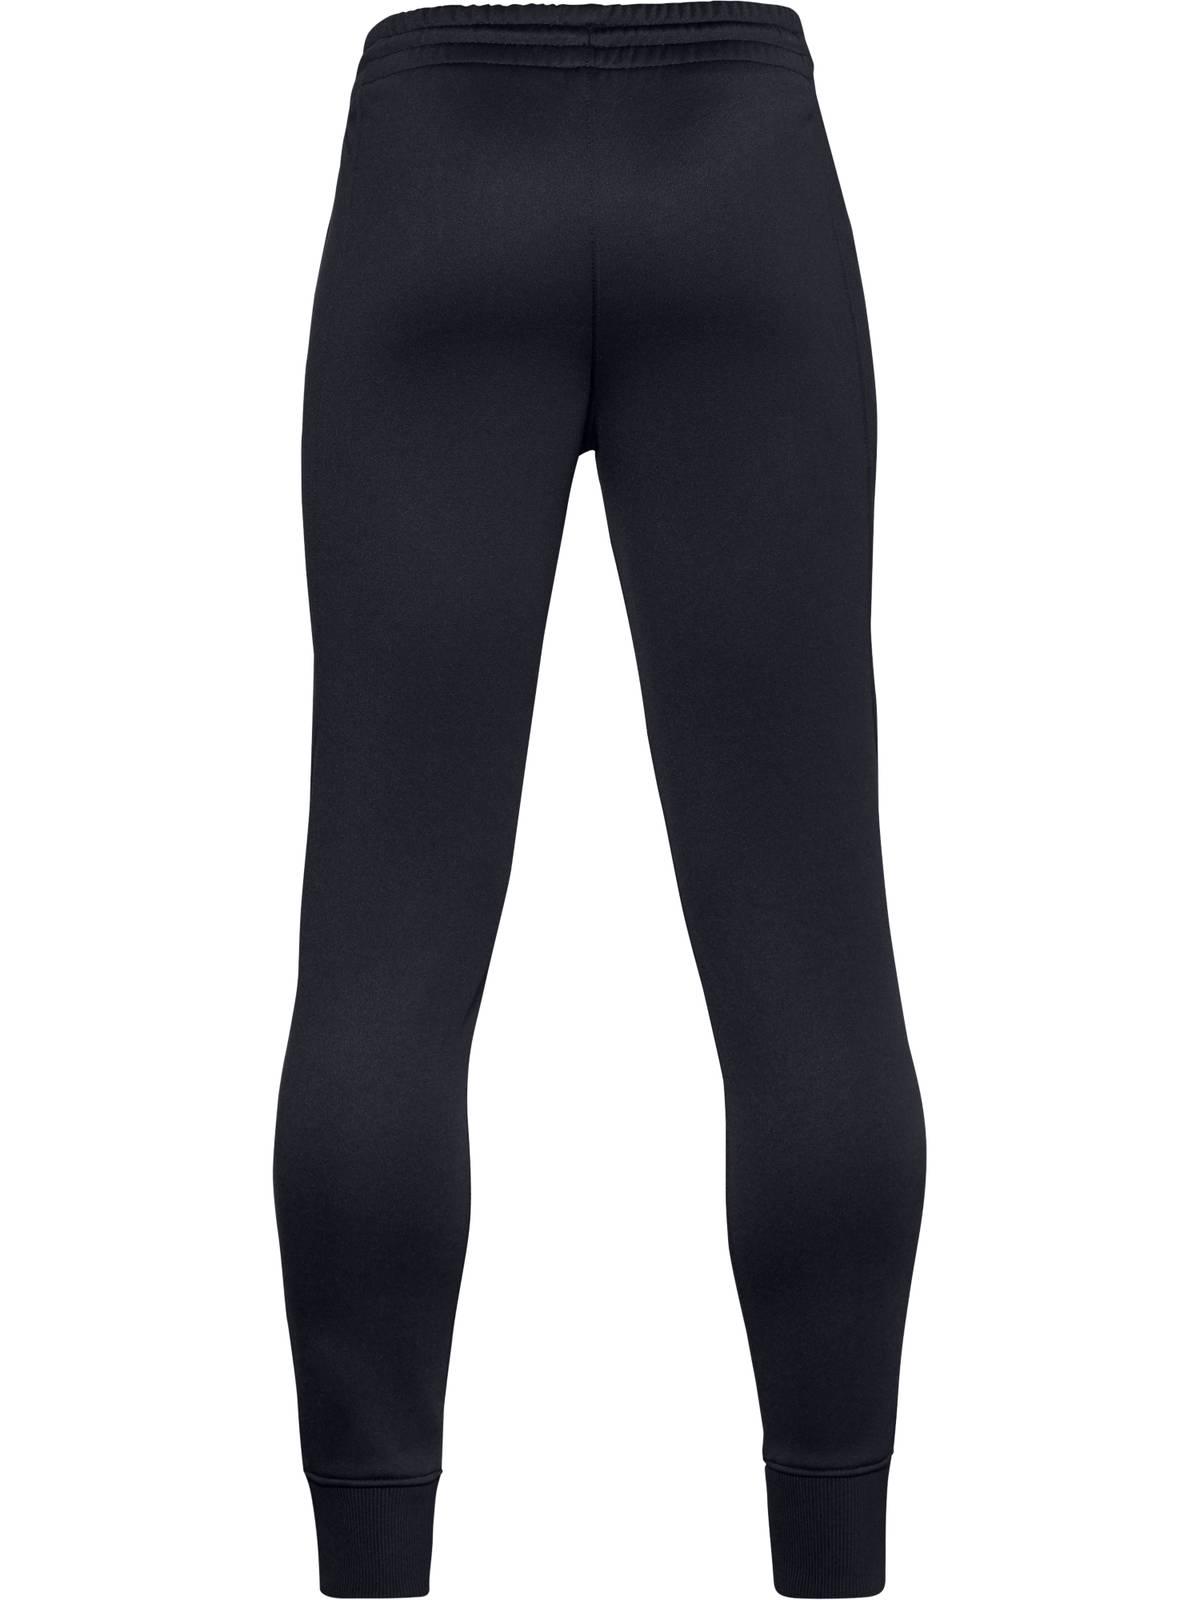 Erkek Çocuk Armour Fleece® Jogger Eşofman Altı Siyah